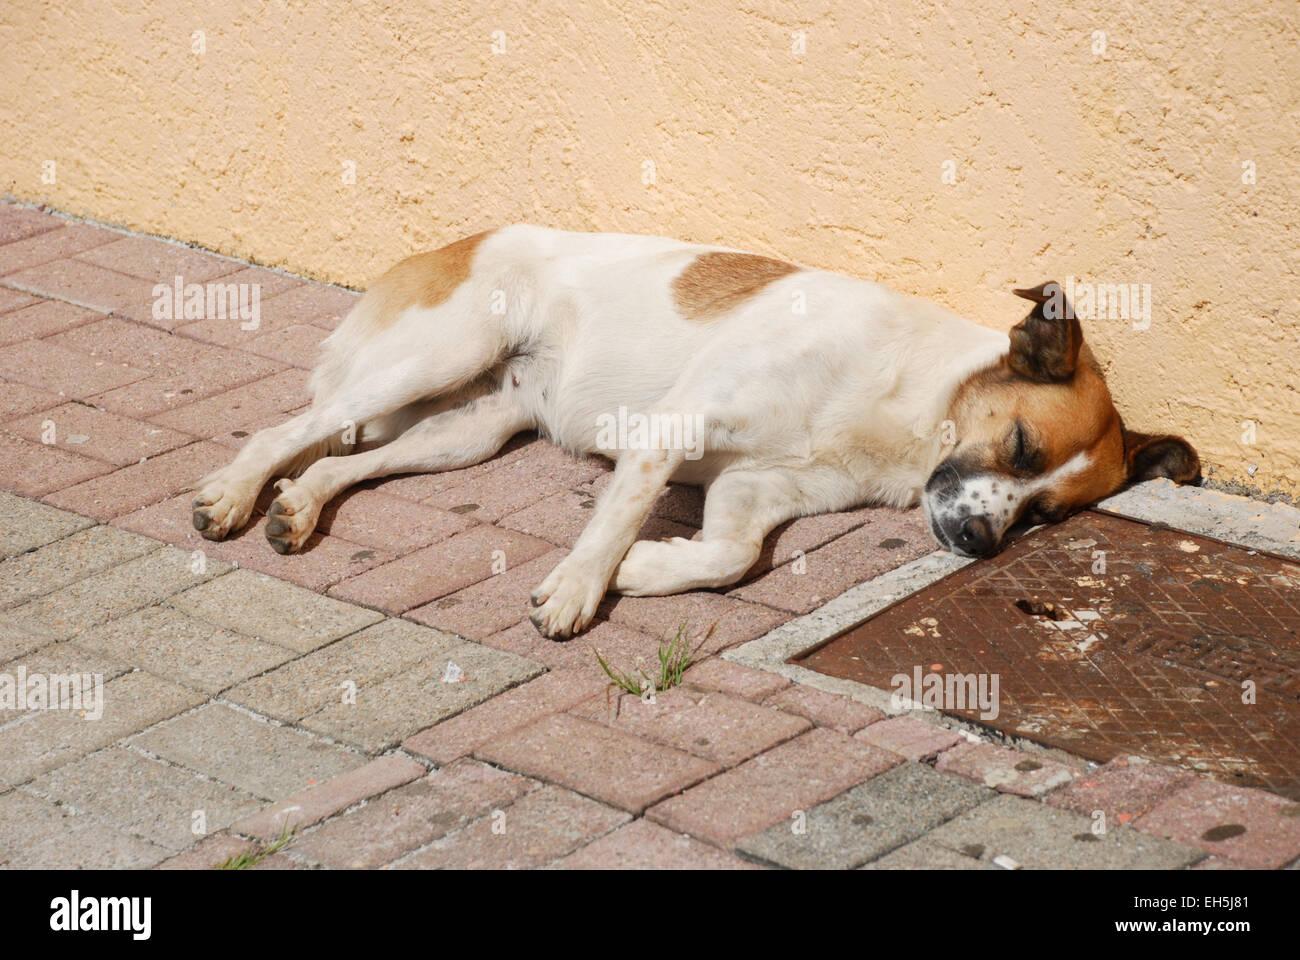 Dog Nap - Stock Image